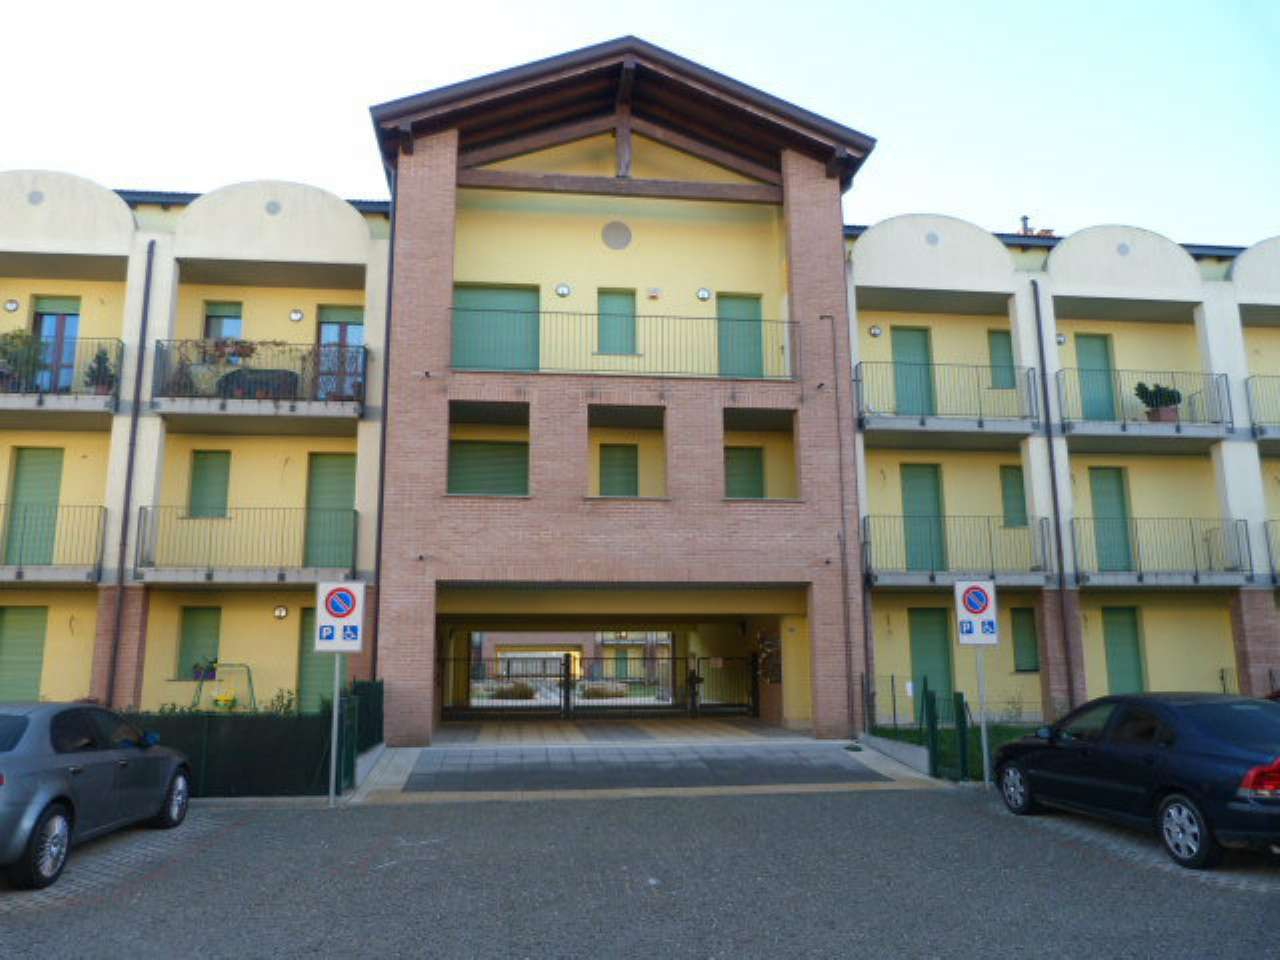 Appartamento in vendita a Solbiate Olona, 4 locali, prezzo € 165.000 | CambioCasa.it